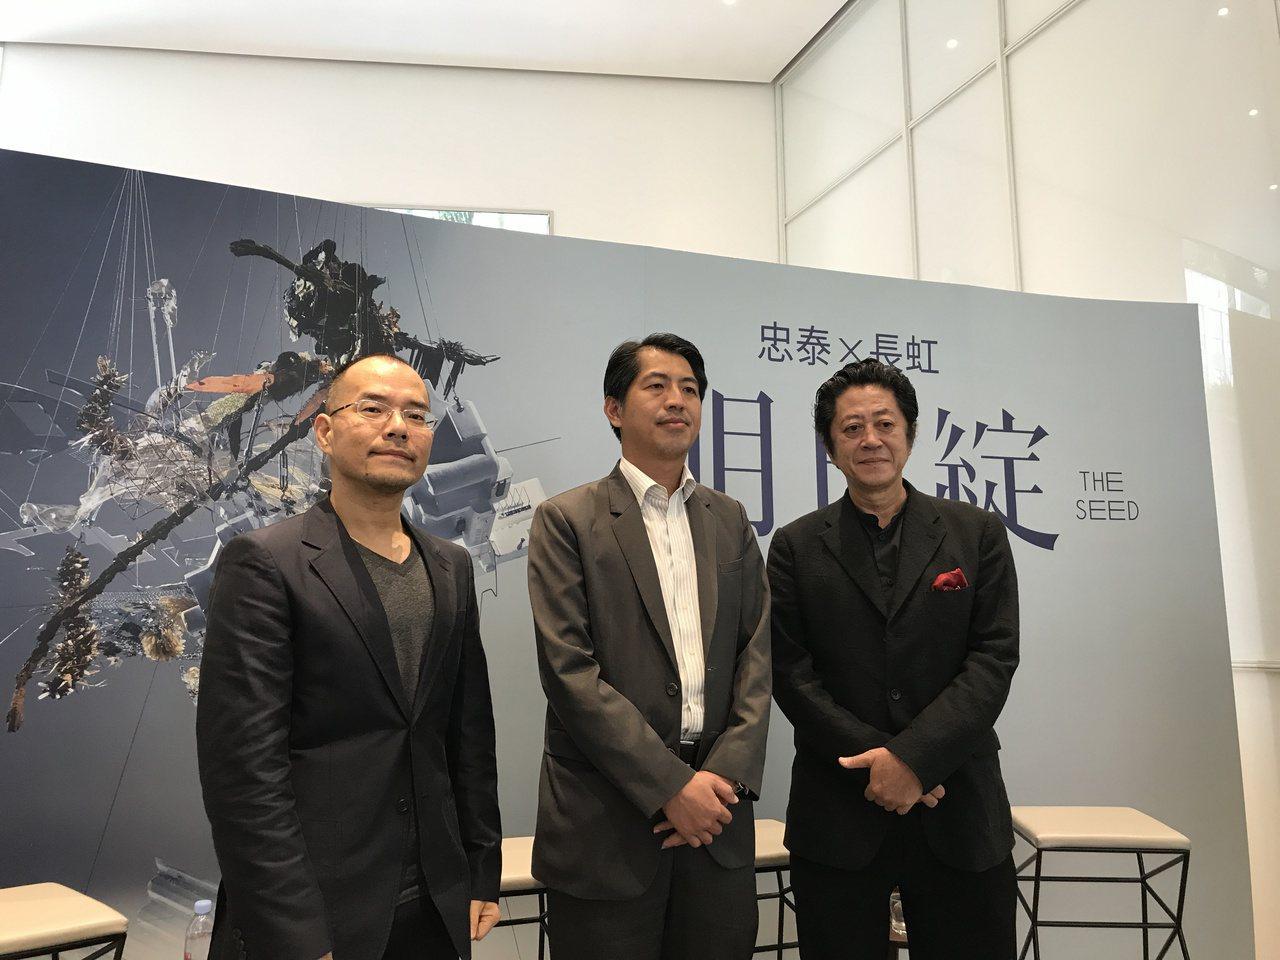 忠泰建設副董李彥良(左一)、長虹建設總經理李耀中(中)。記者游智文/攝影